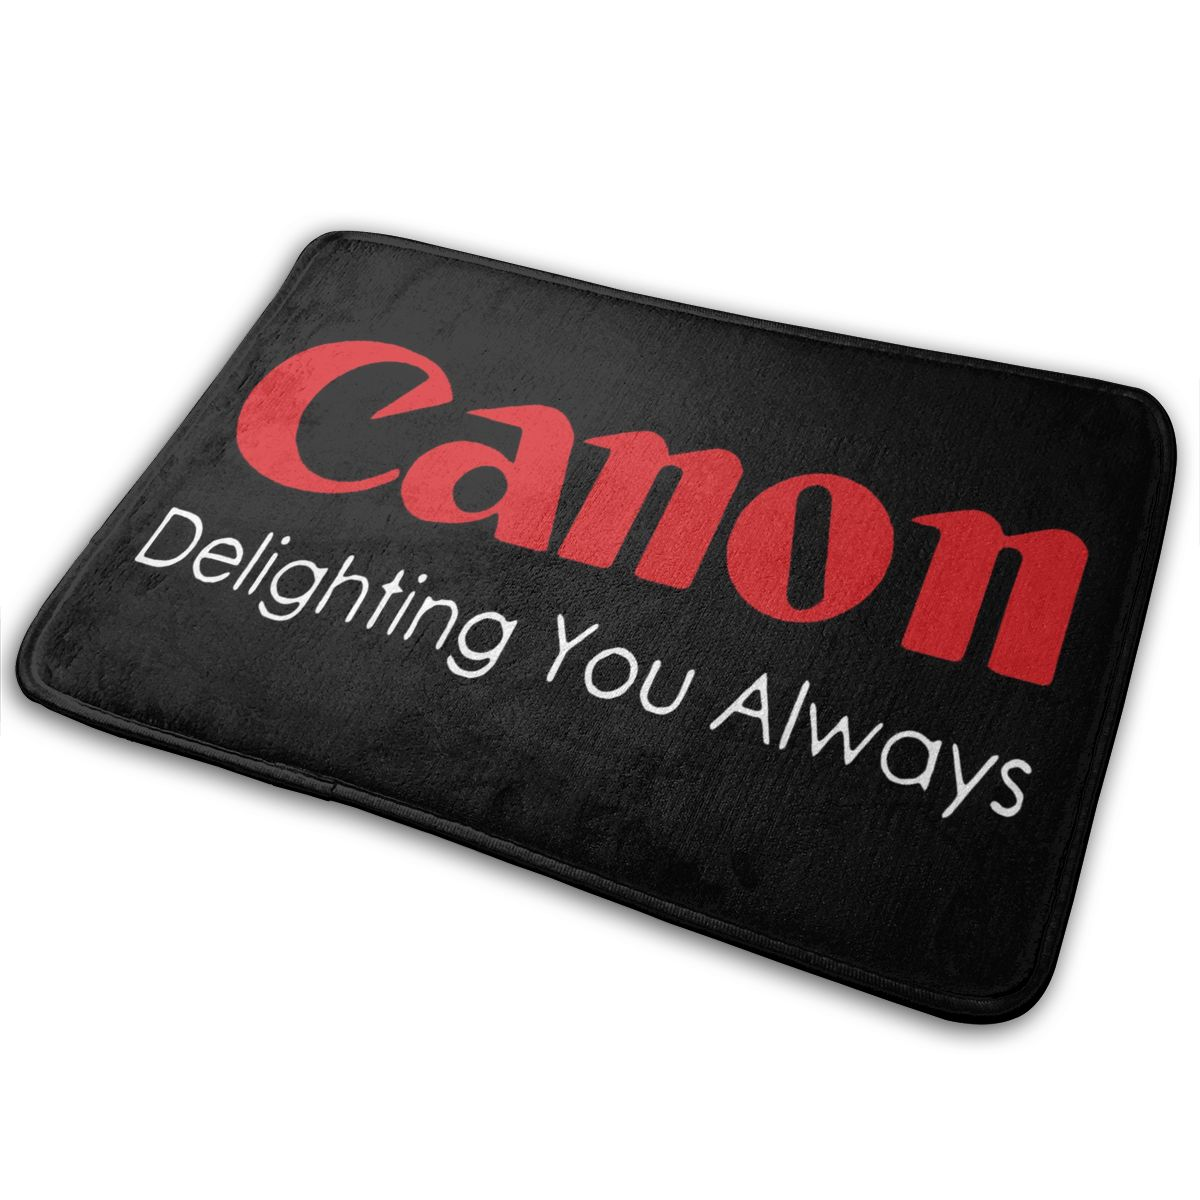 Canon מצלמה יצרנים חדש כותנה מעניין תמונות אישה למעלה איכות למבוגרים Harajuku באיכות גבוהה אישה שטיח שטיח